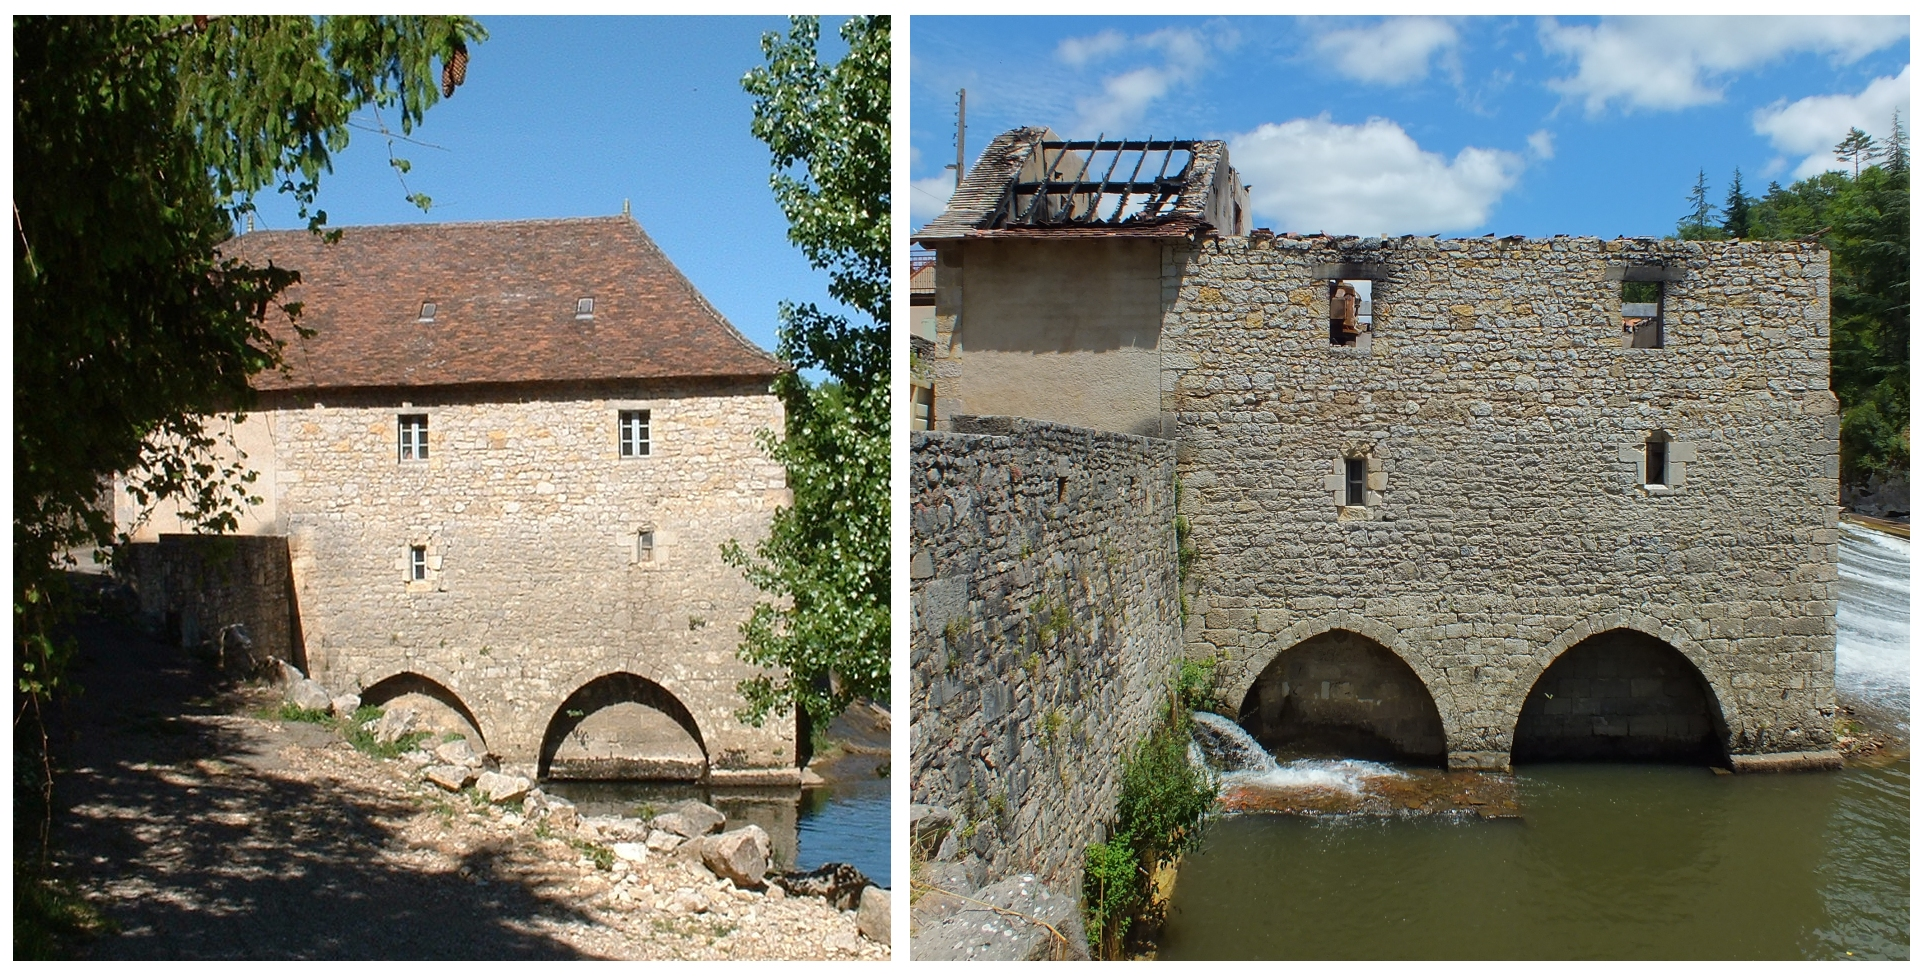 Le moulin à eau du château à Cabrerets